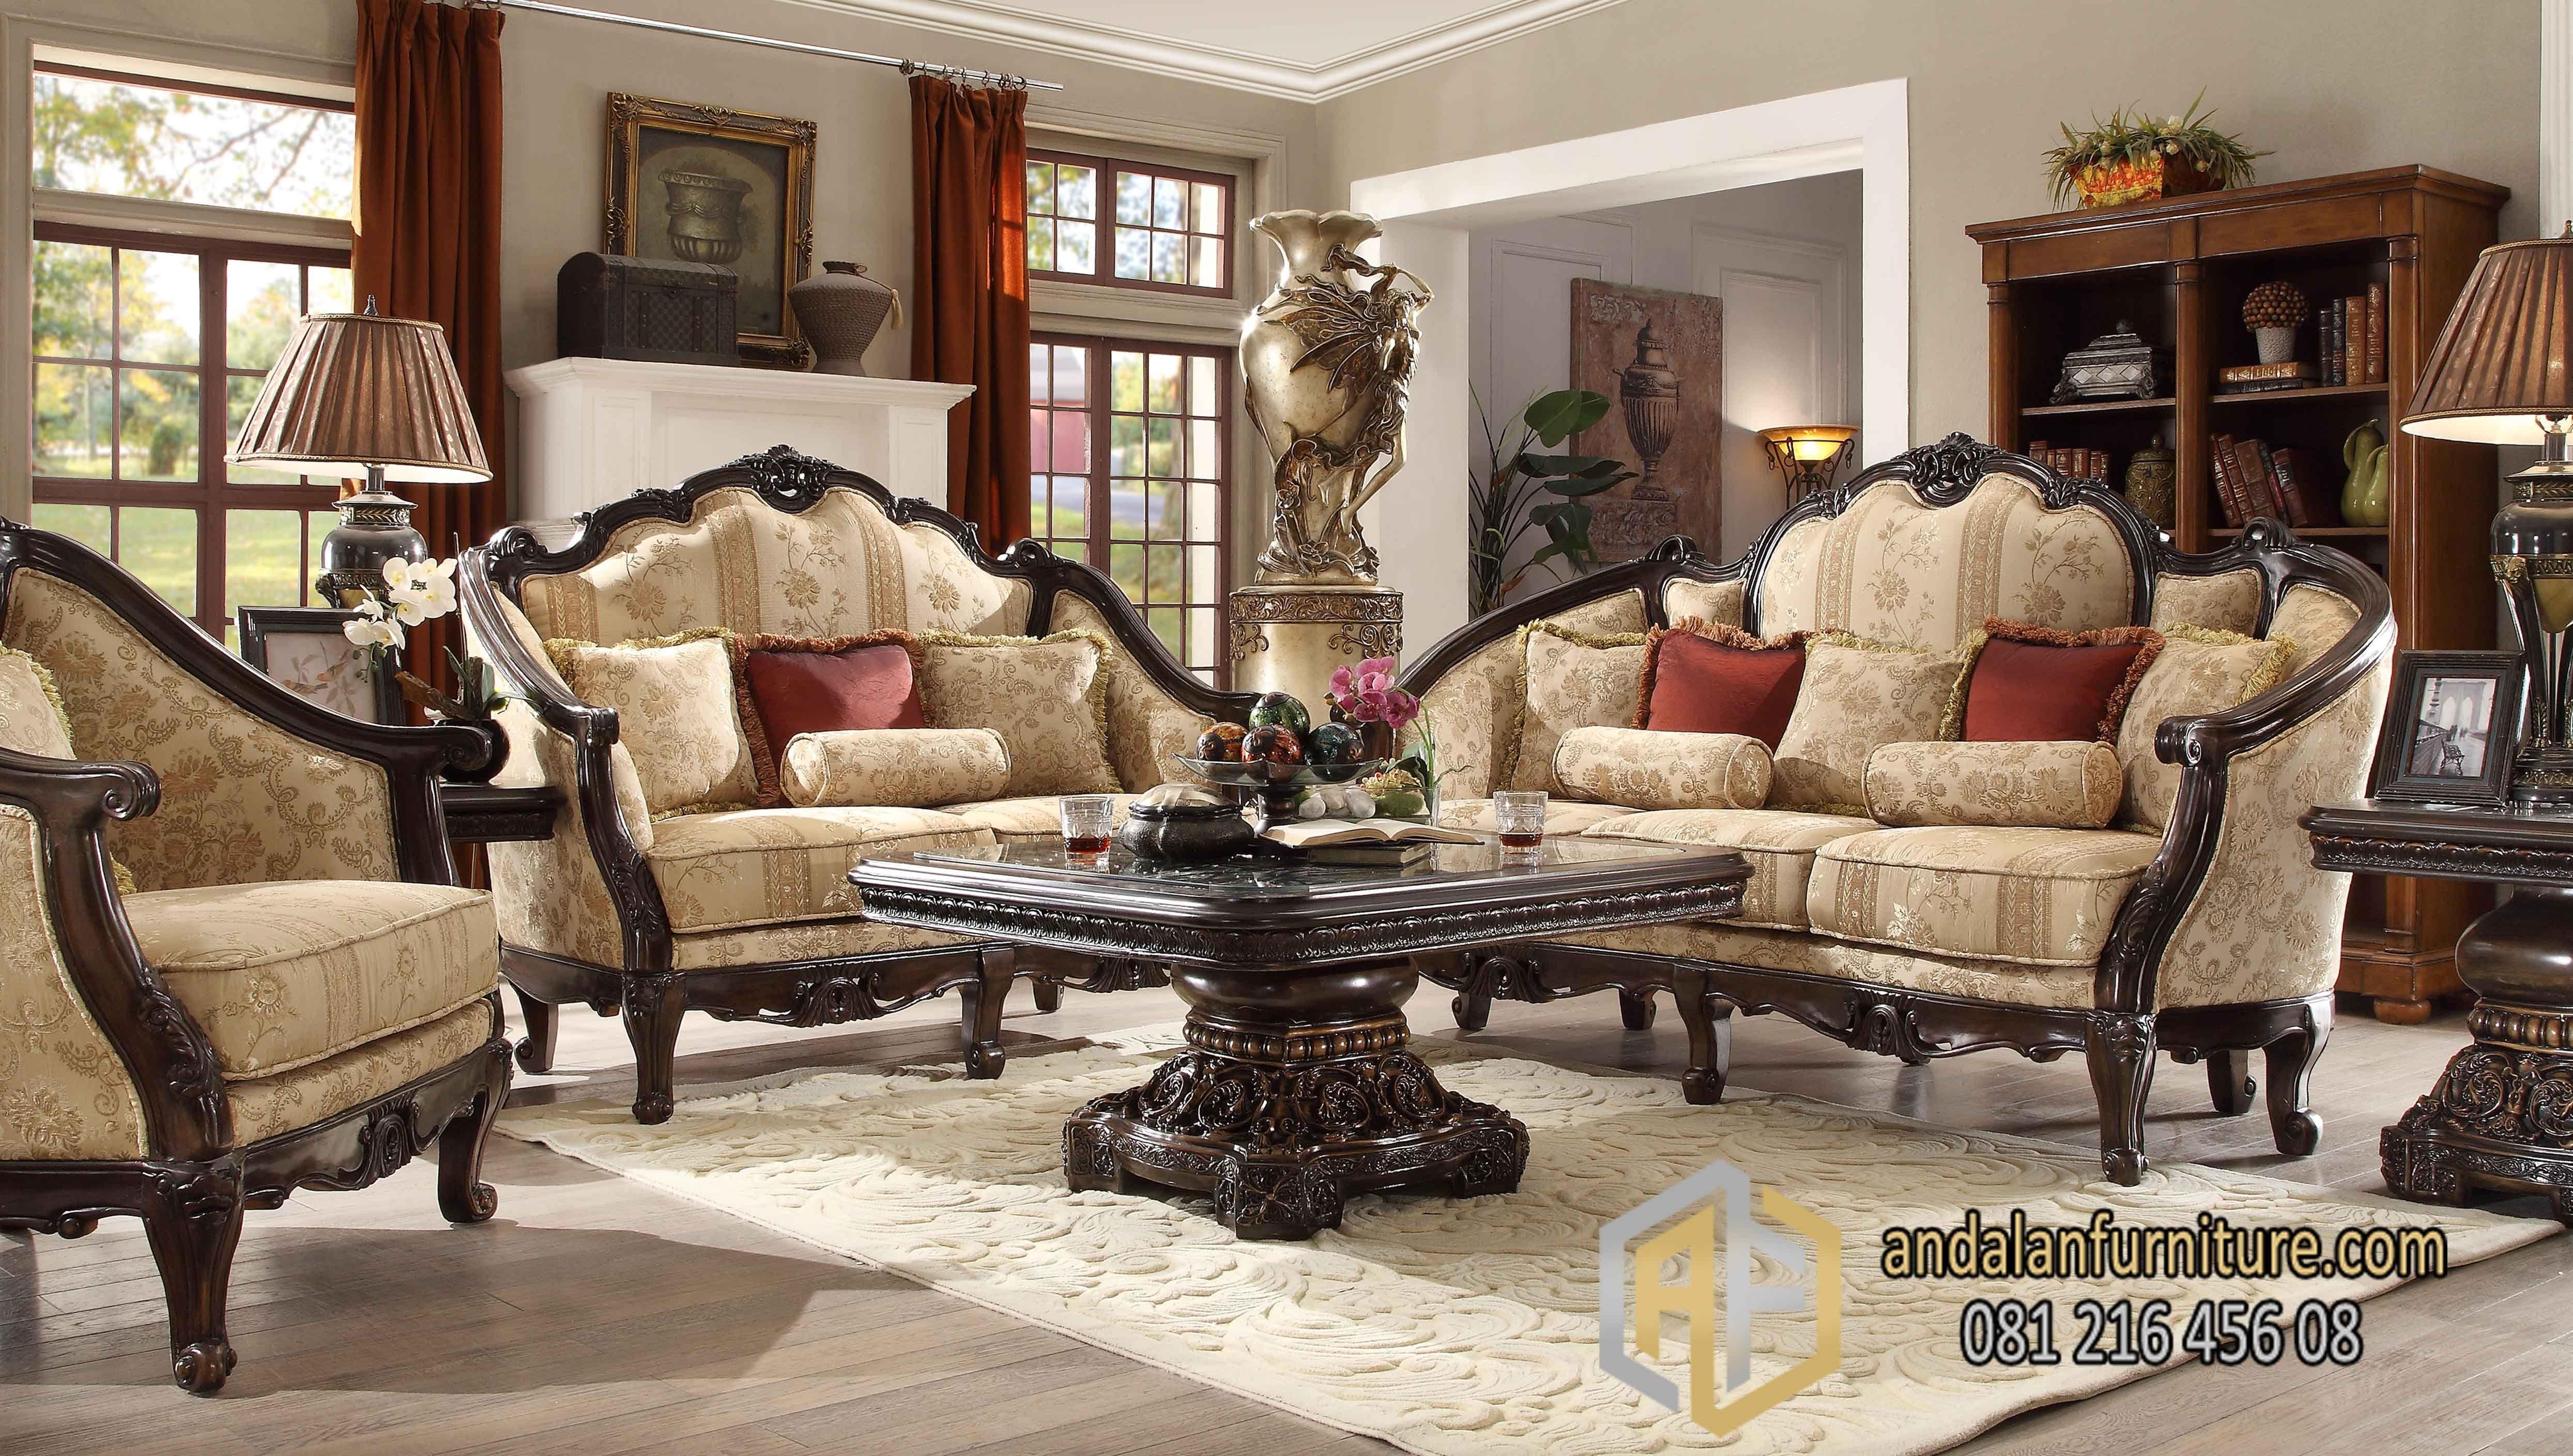 Interior ruang tamu kursi montana desain produk mebel untuk dengan klasik mewah yang dapat diaplikasikan also rh pinterest